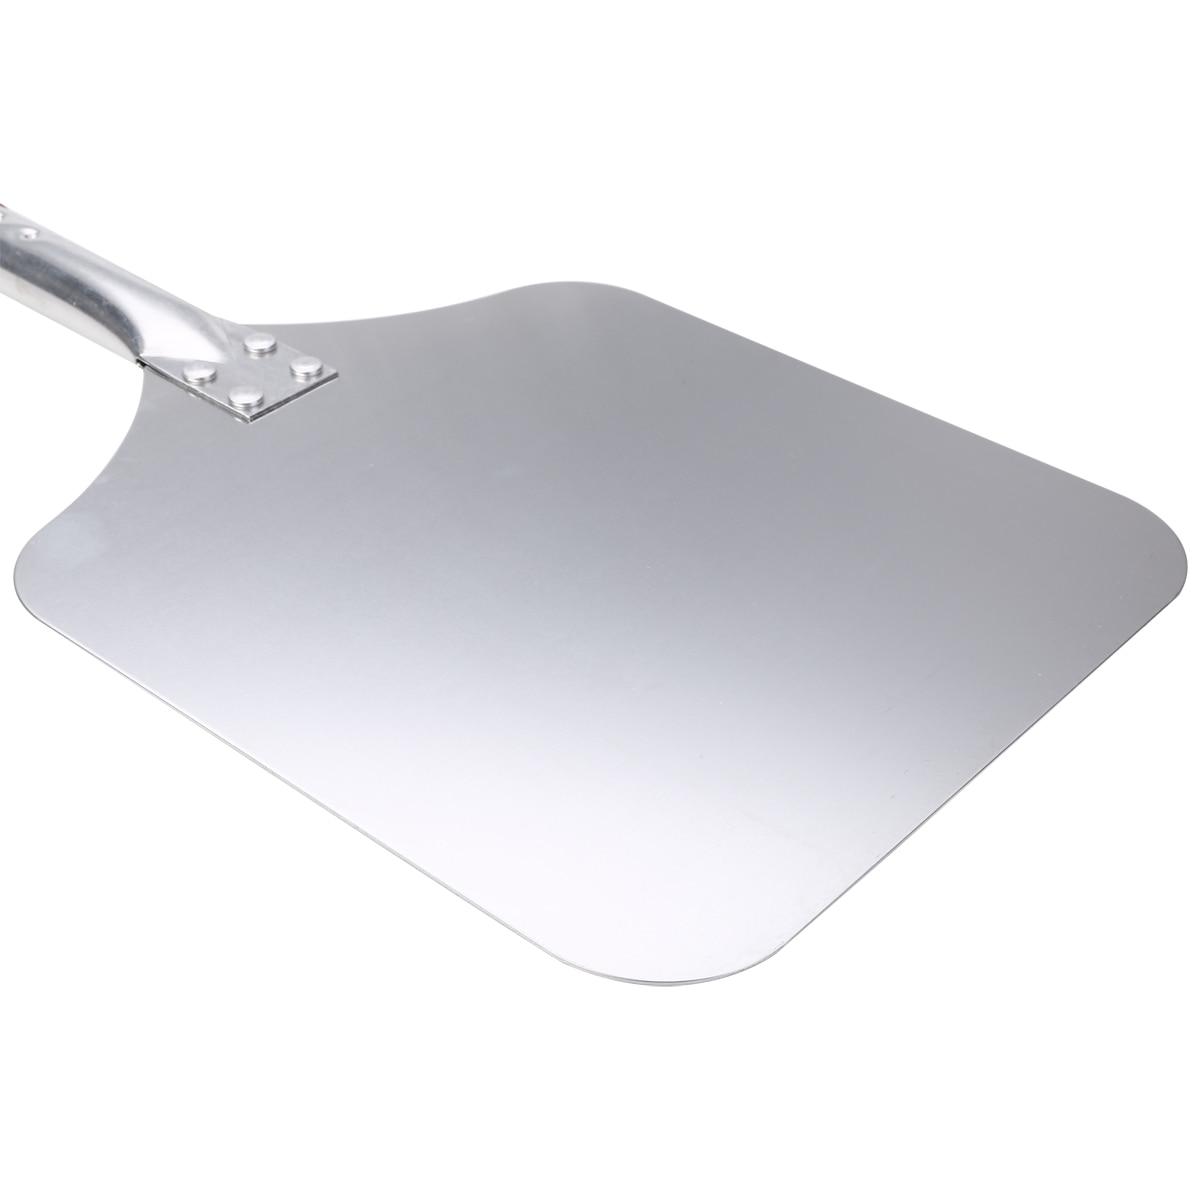 Pizza Peel Aluminium Shovel Square Lift Turner Wooden Handle